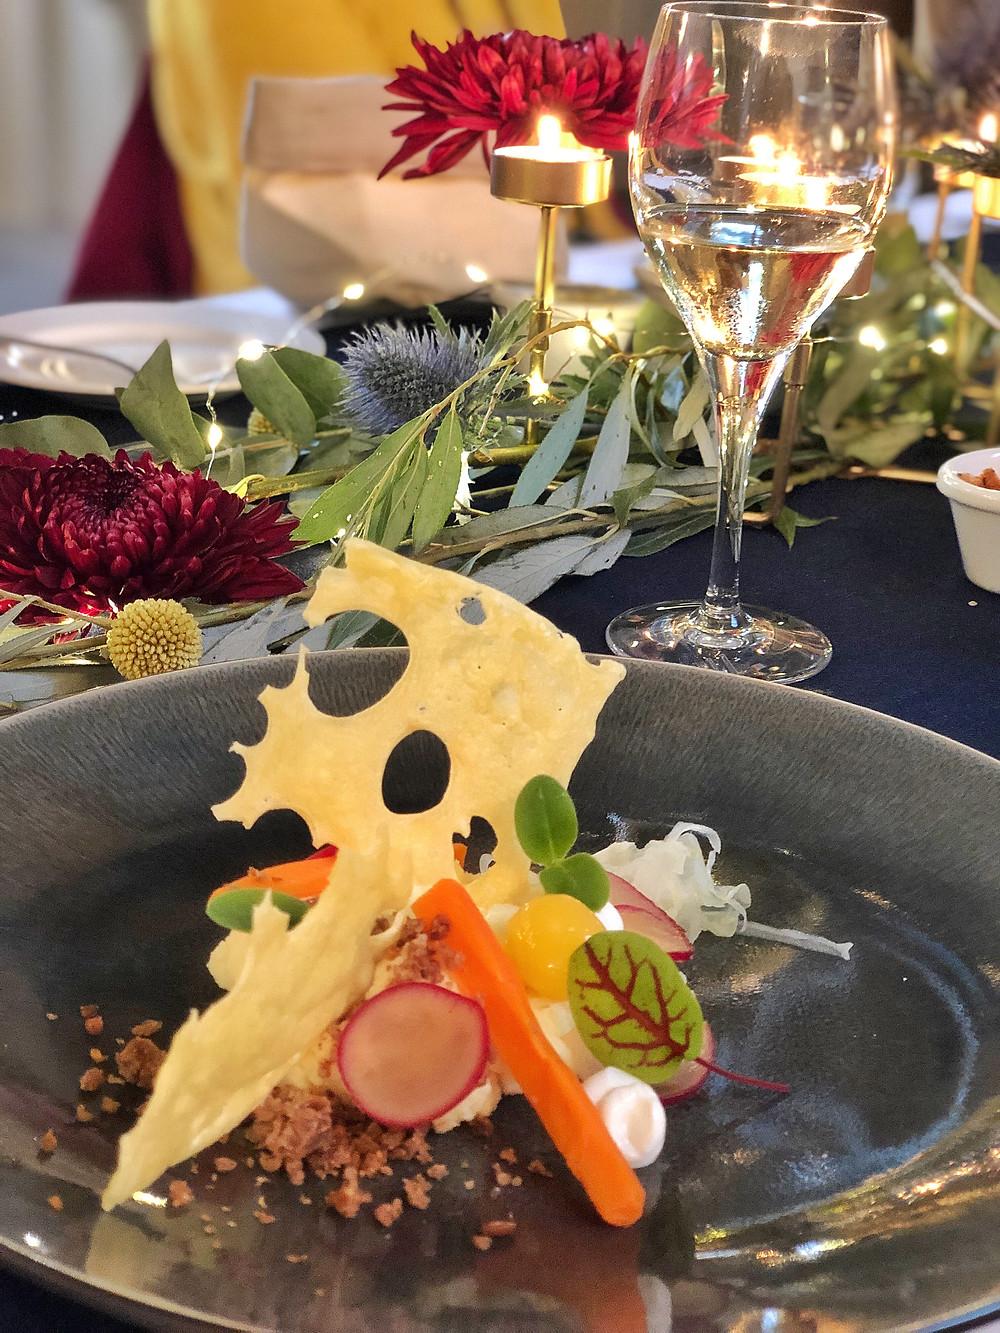 Dinner at Aerden Plaats in Oude Bildtzijl, Friesland